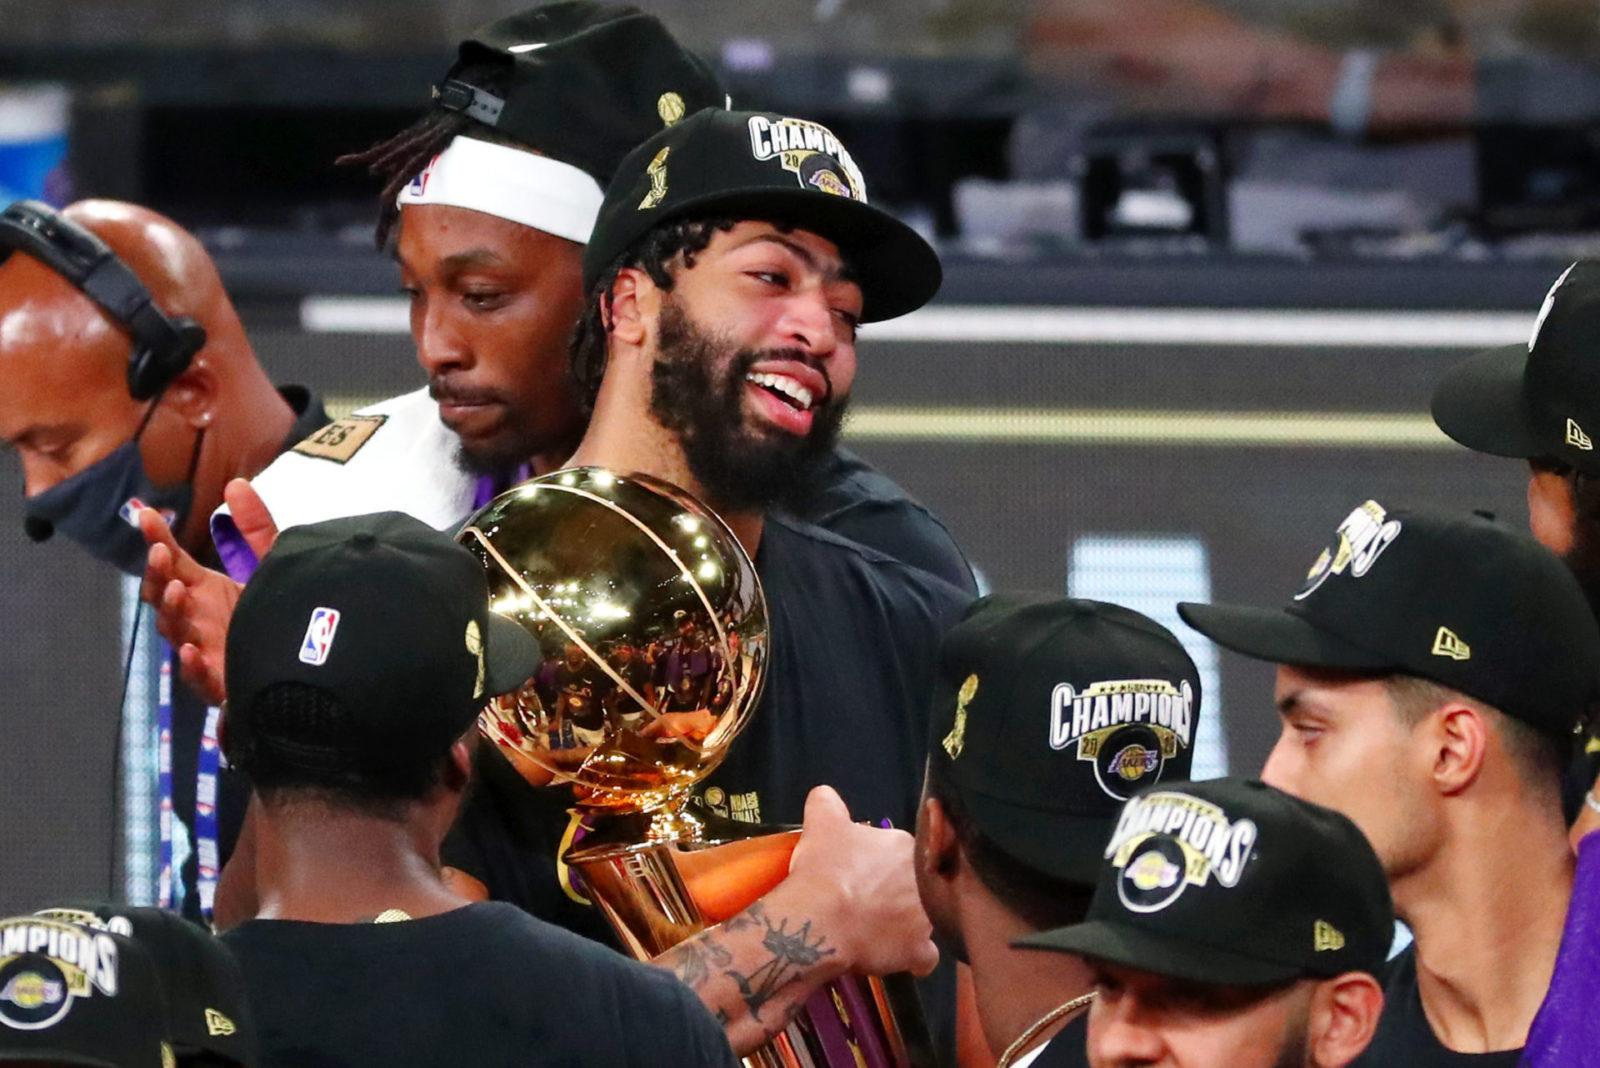 戴维斯:我希望再次捧起冠军奖杯,我的哭脸成为表情包